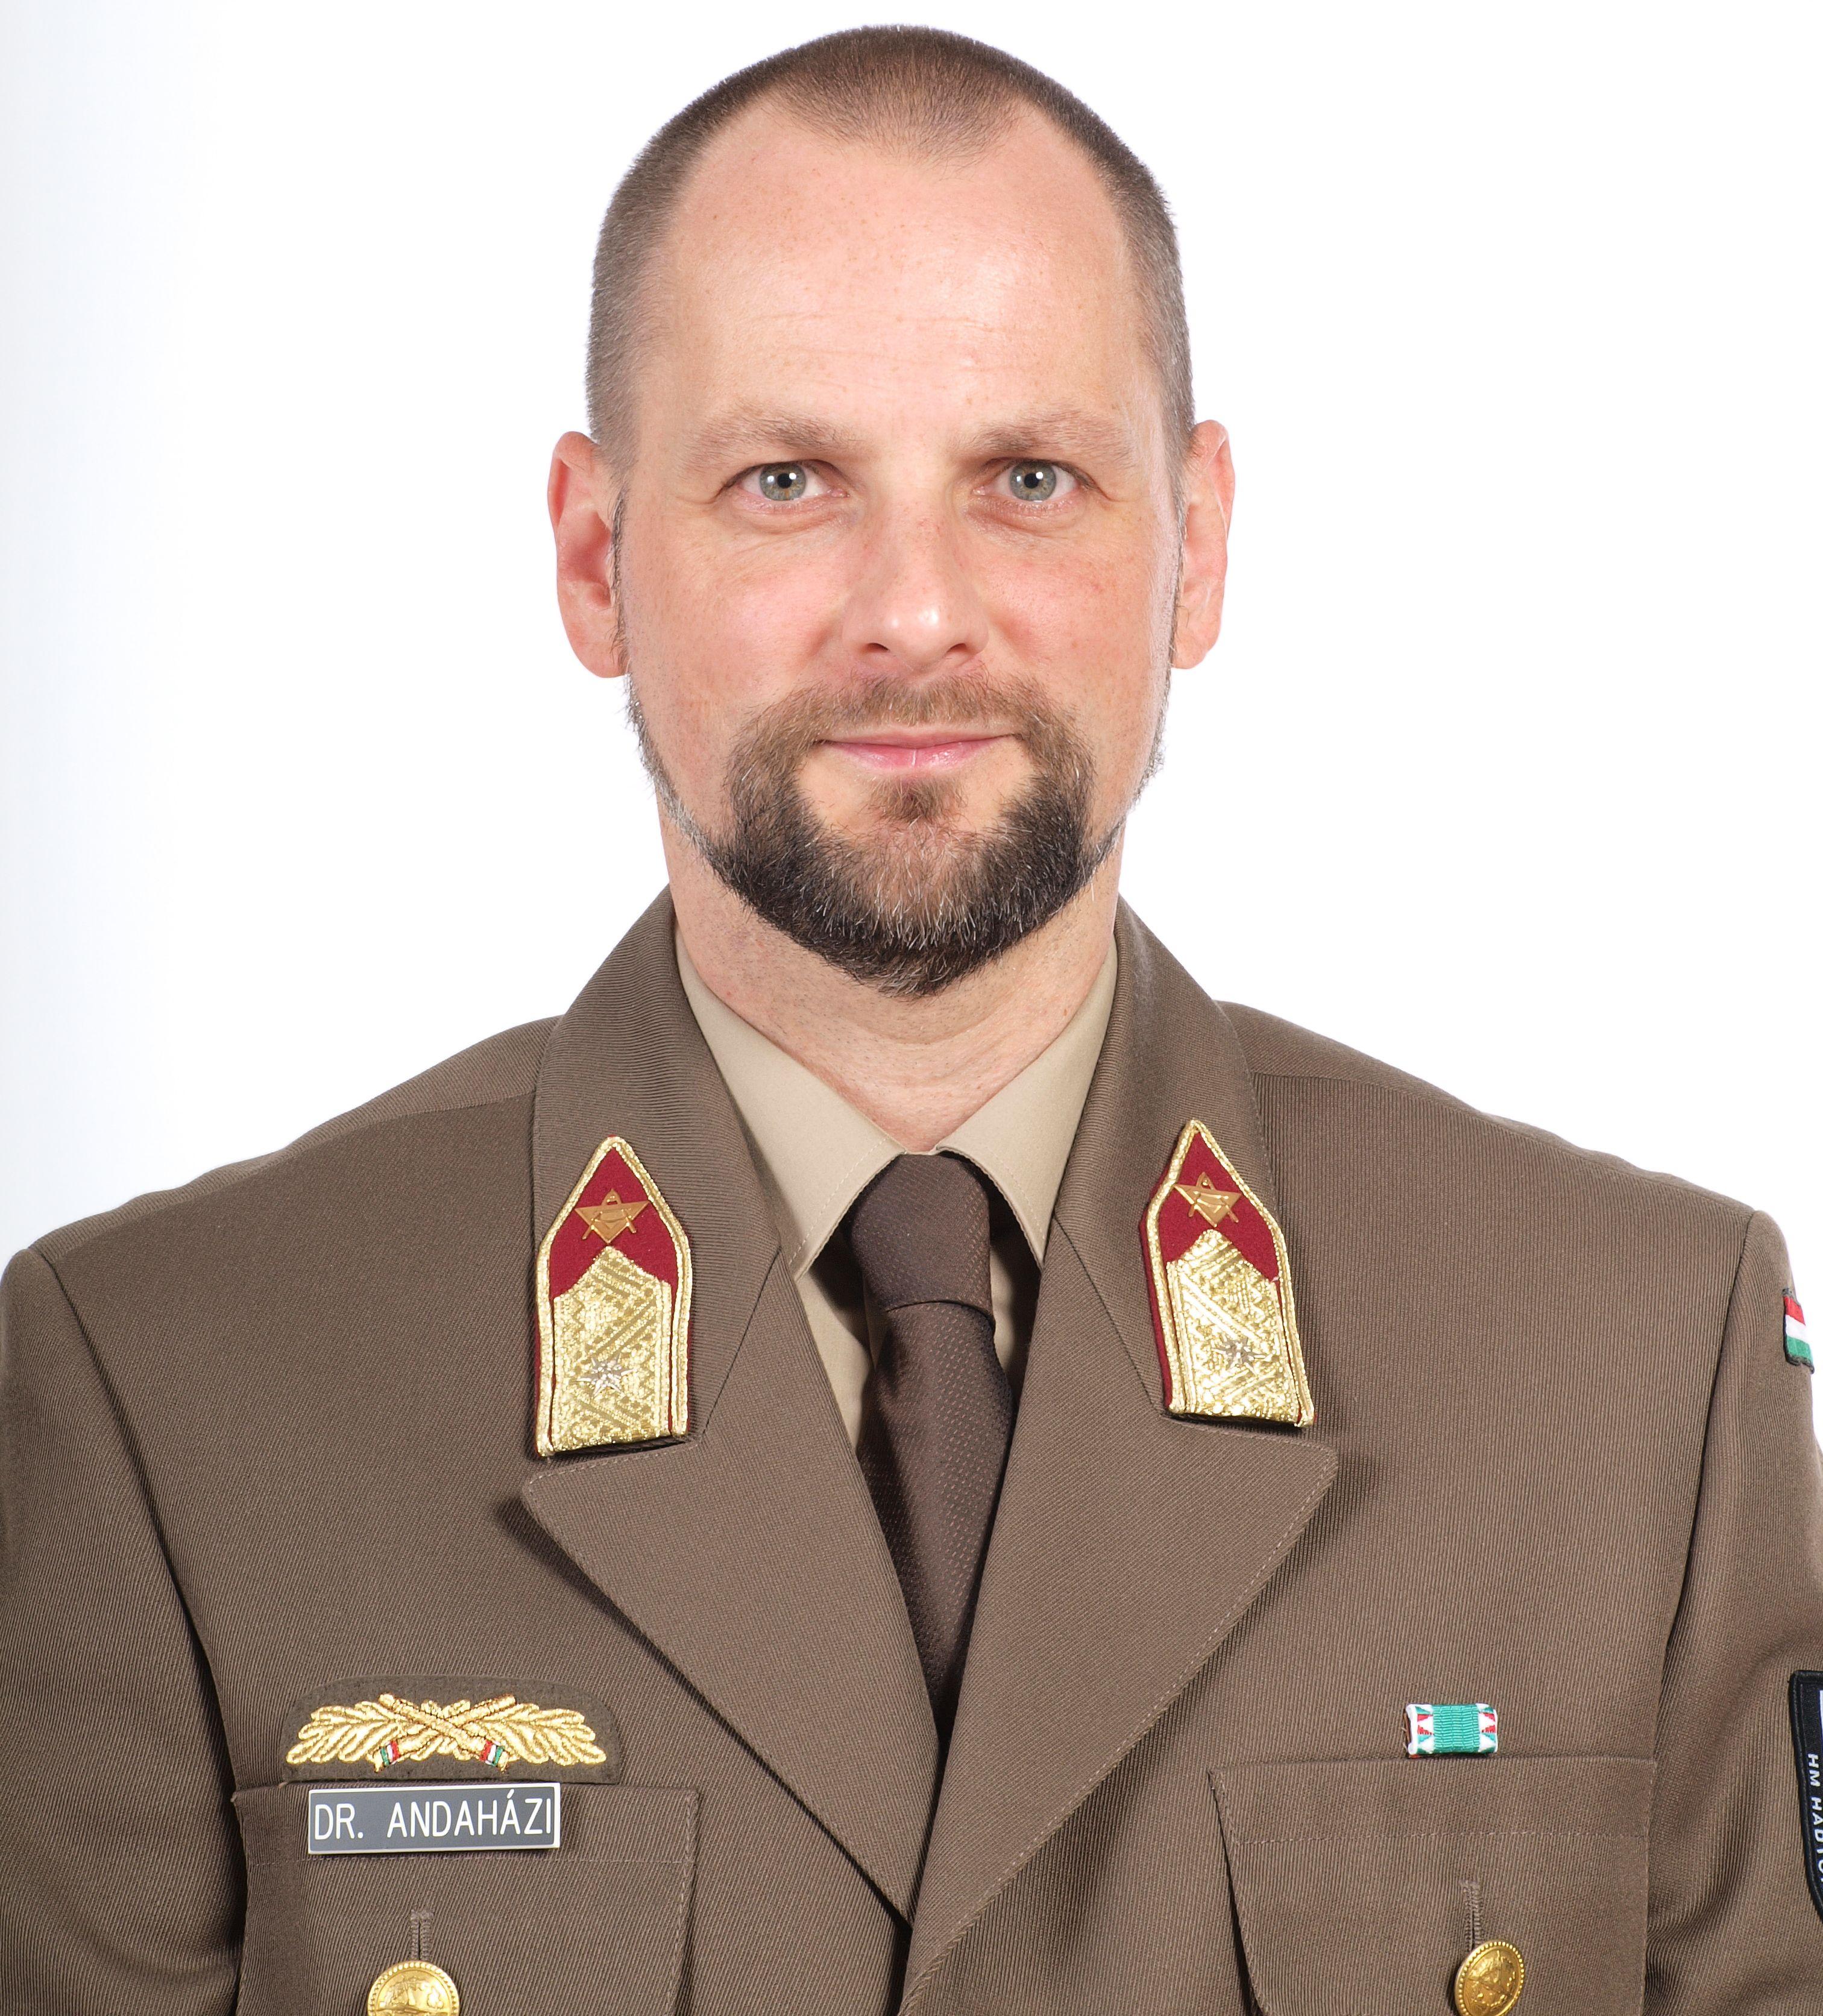 Andaházi Szeghy Viktor